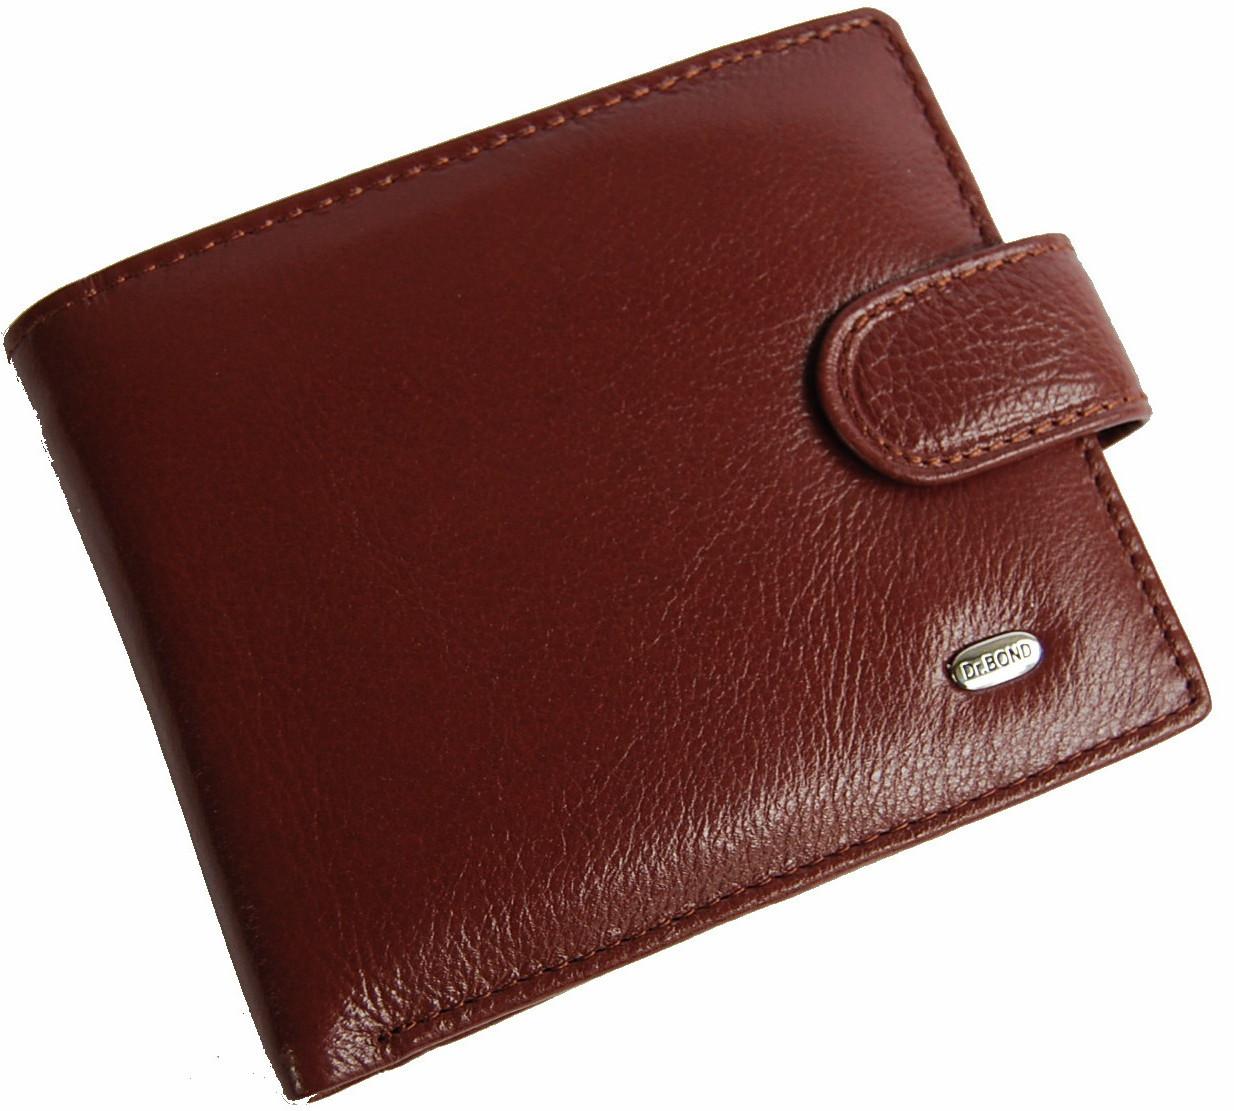 43b905db5a0c Кожаный мужской кошелек, портмоне, бумажник из кожи. Качество. НАТУРАЛЬНАЯ  КОЖА!Код